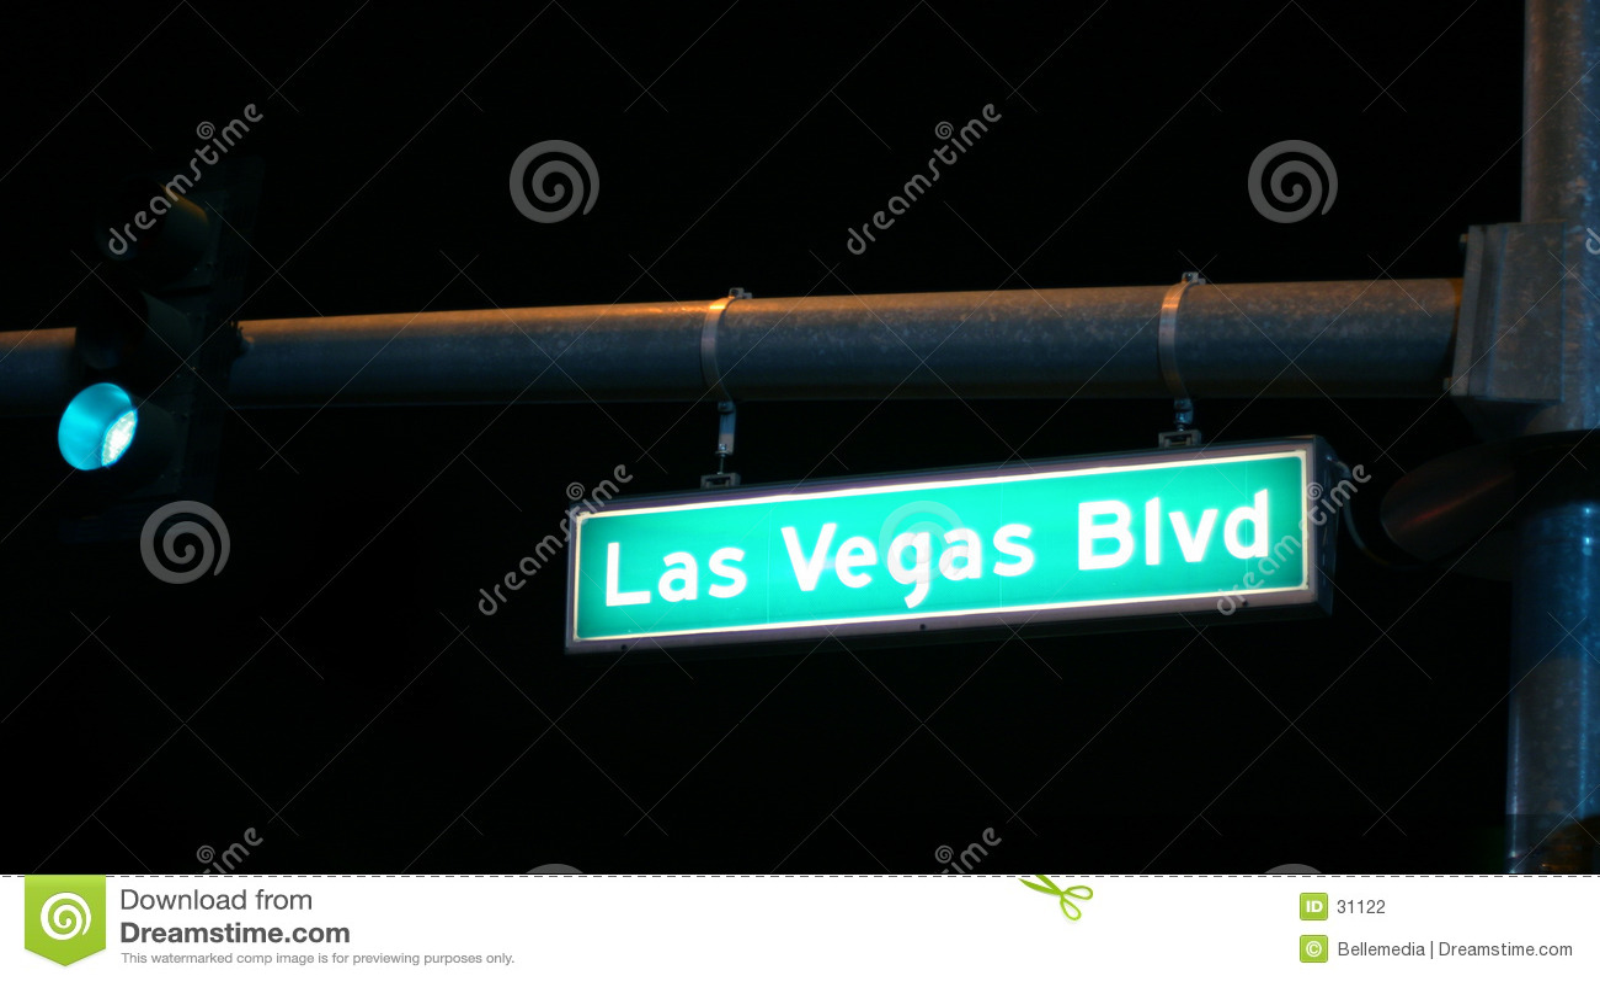 Las Vegas night time